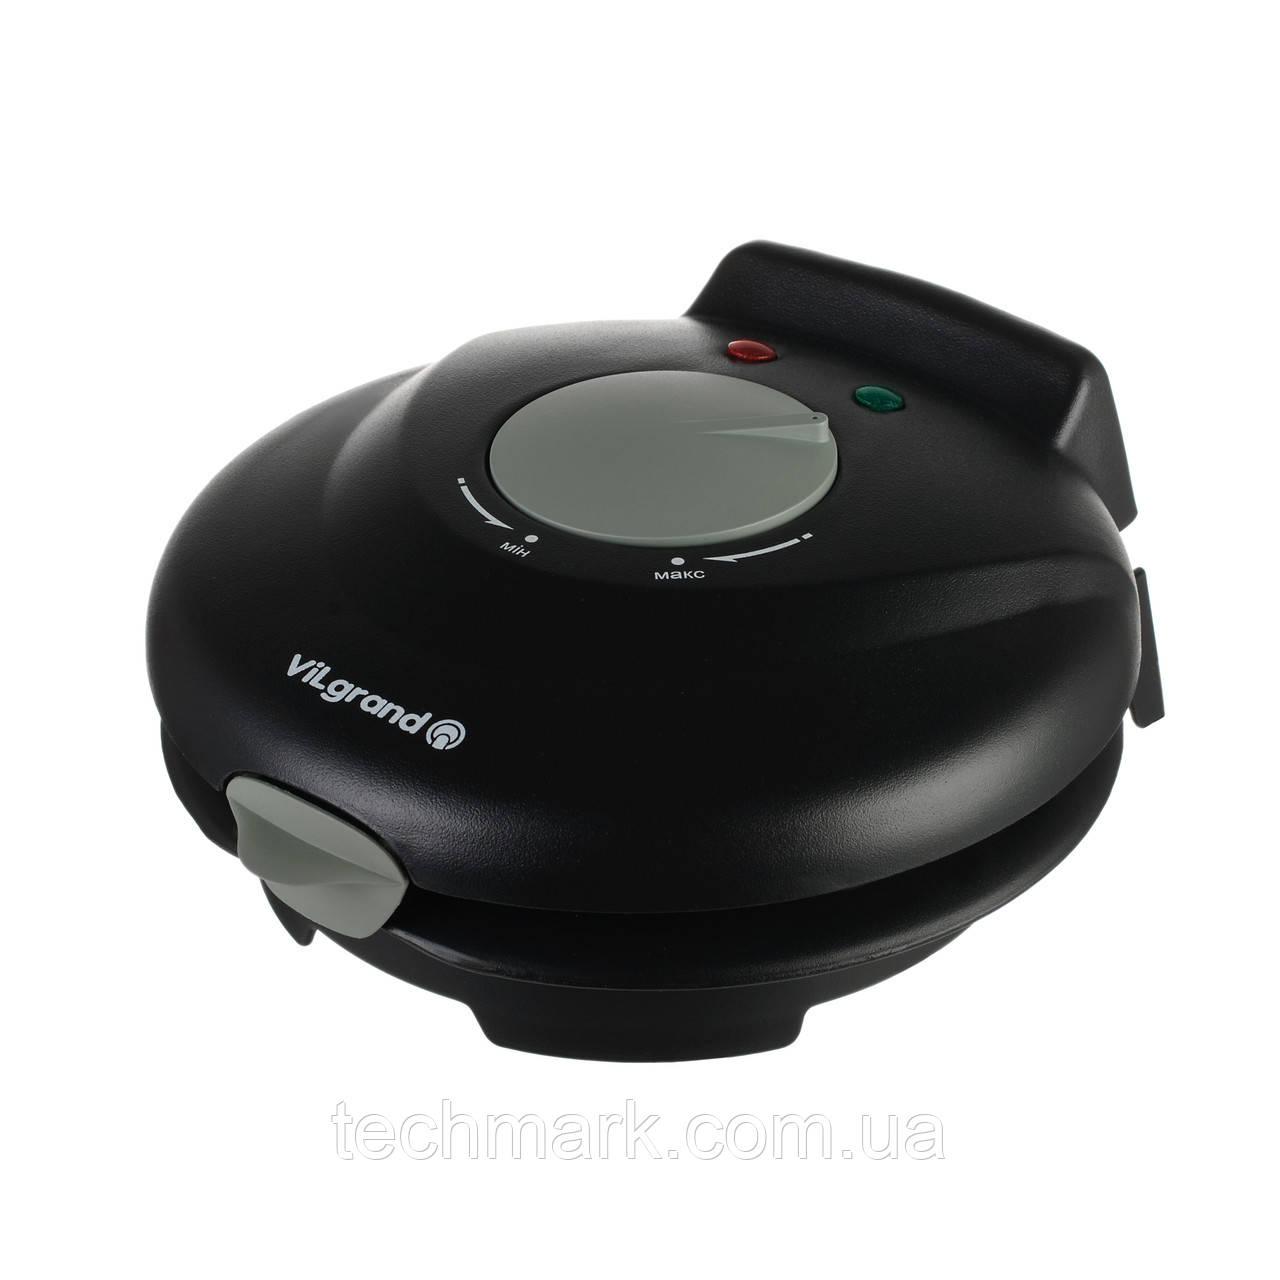 Вафельница VILGRAND VW0754C для тонких вафель и трубочек + конус для рожков Черный